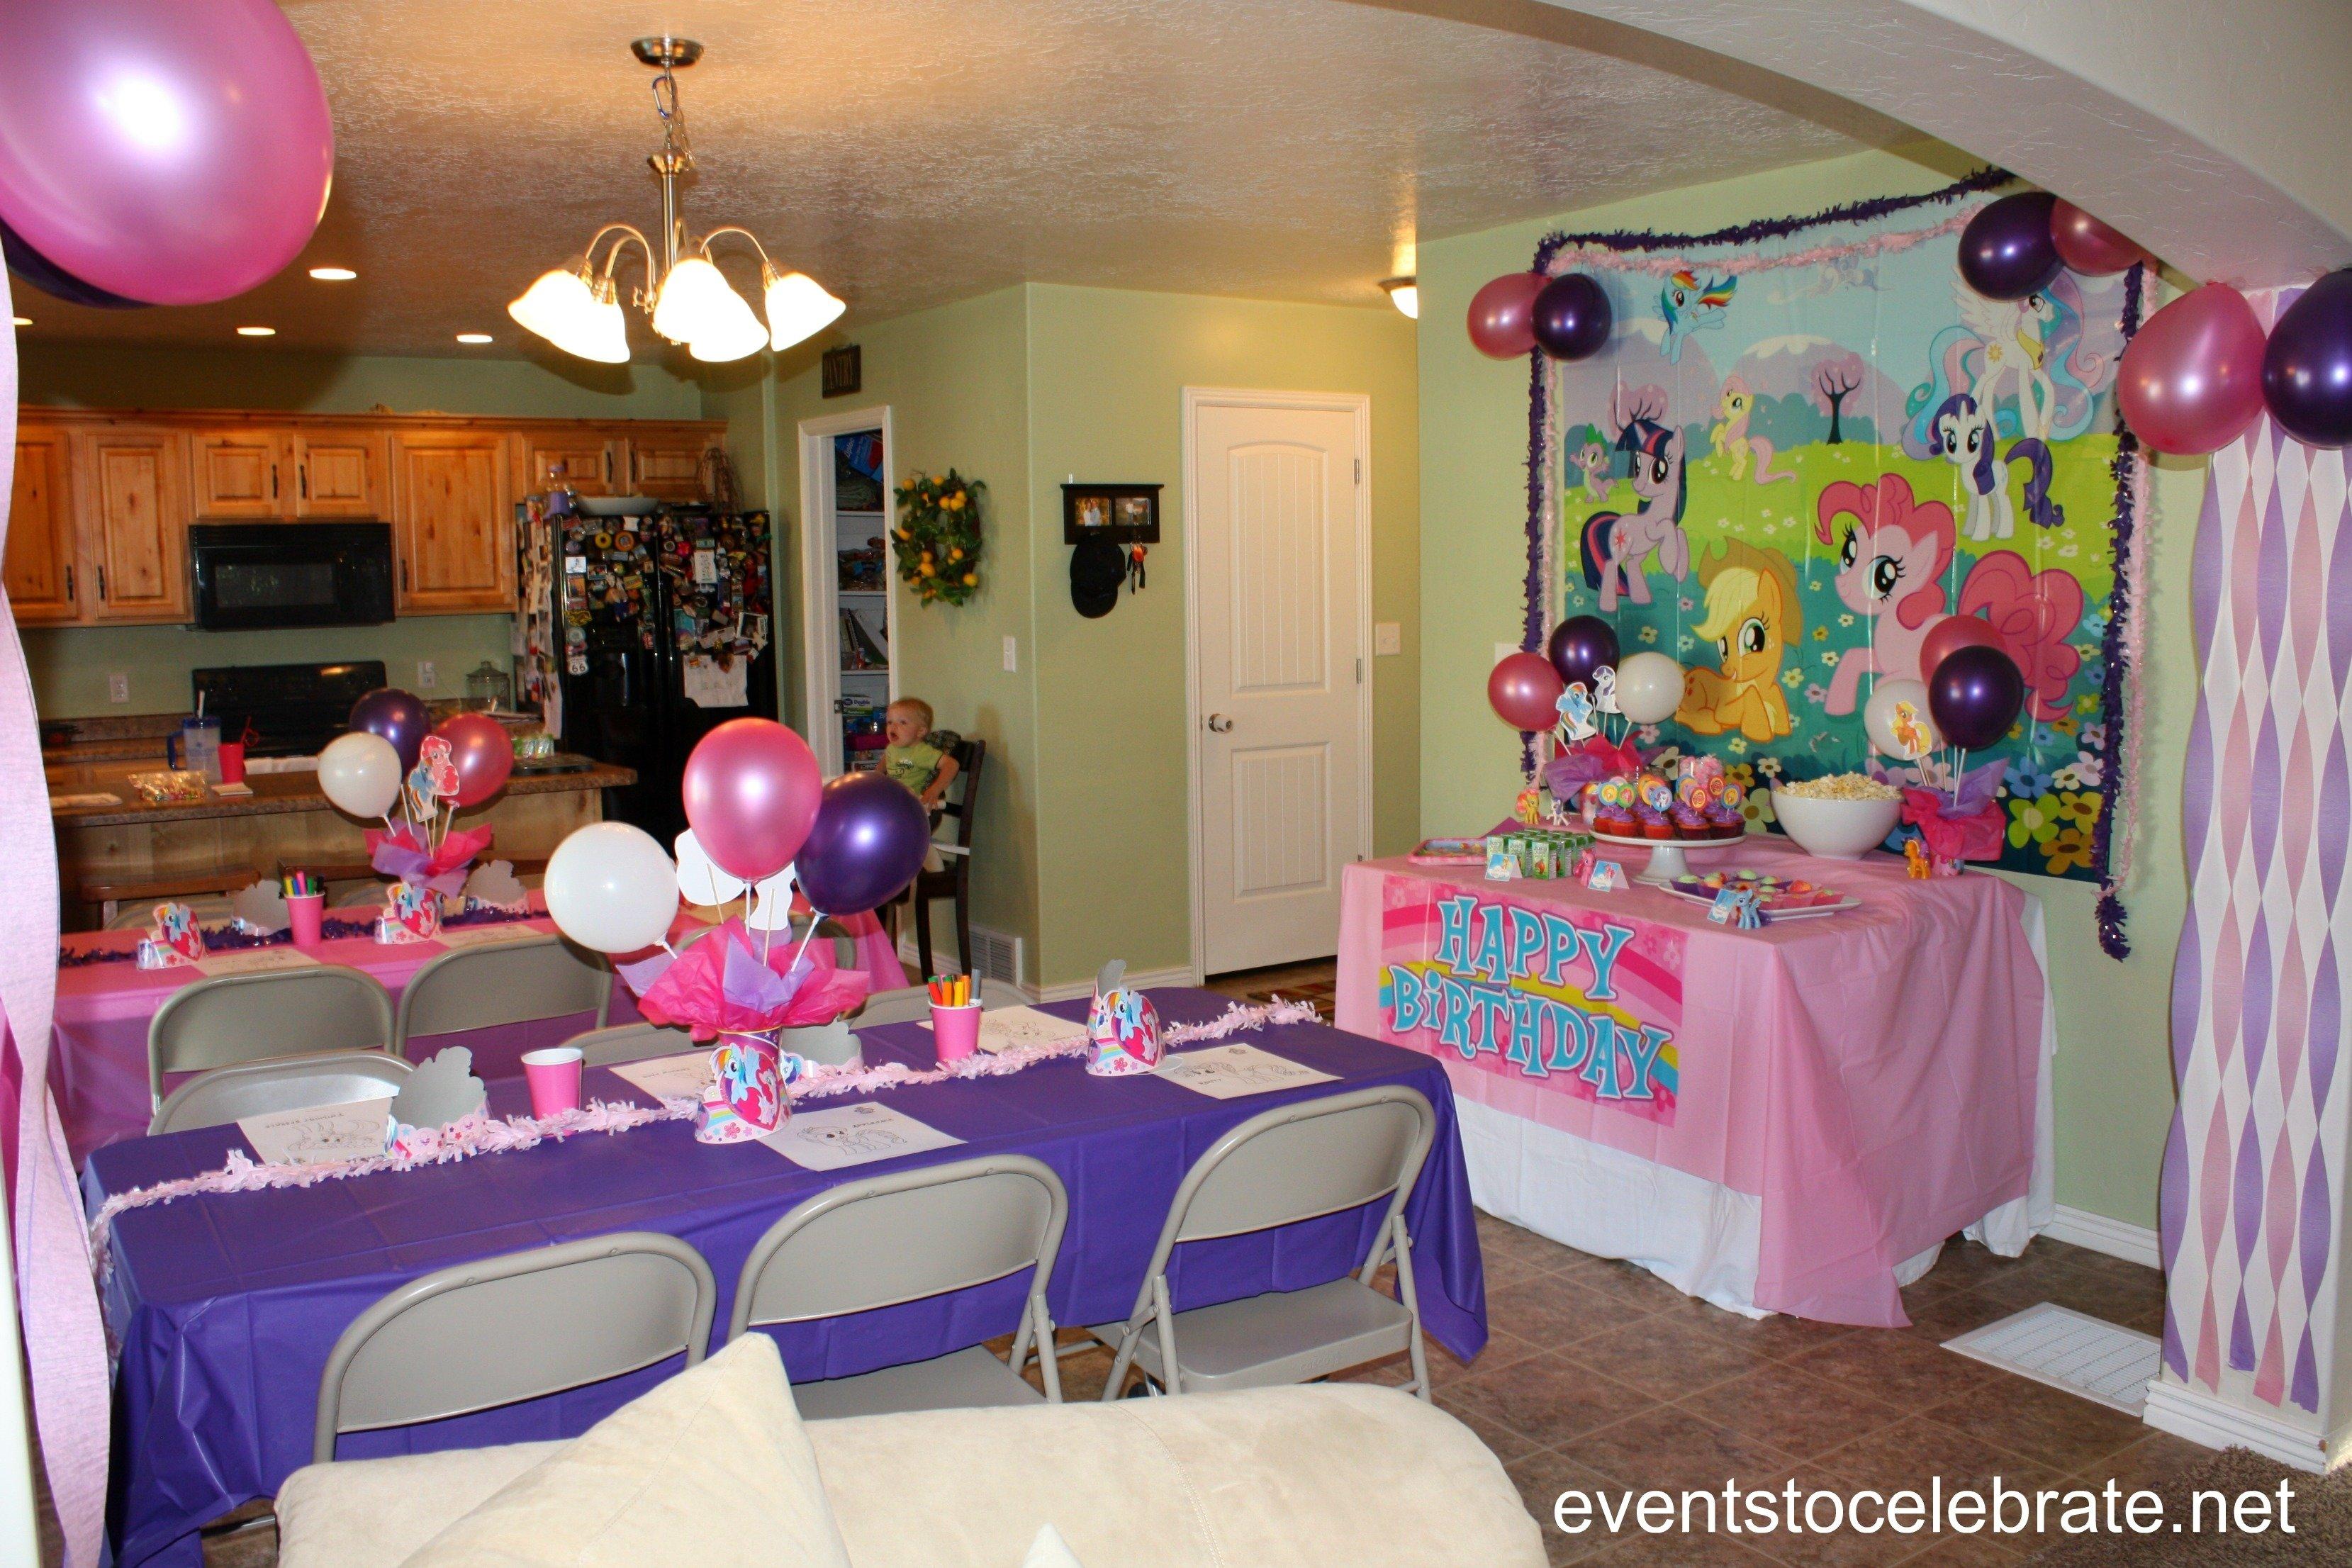 10 Pretty My Little Pony Birthday Party Ideas my little pony party ideas events to celebrate 3 2021